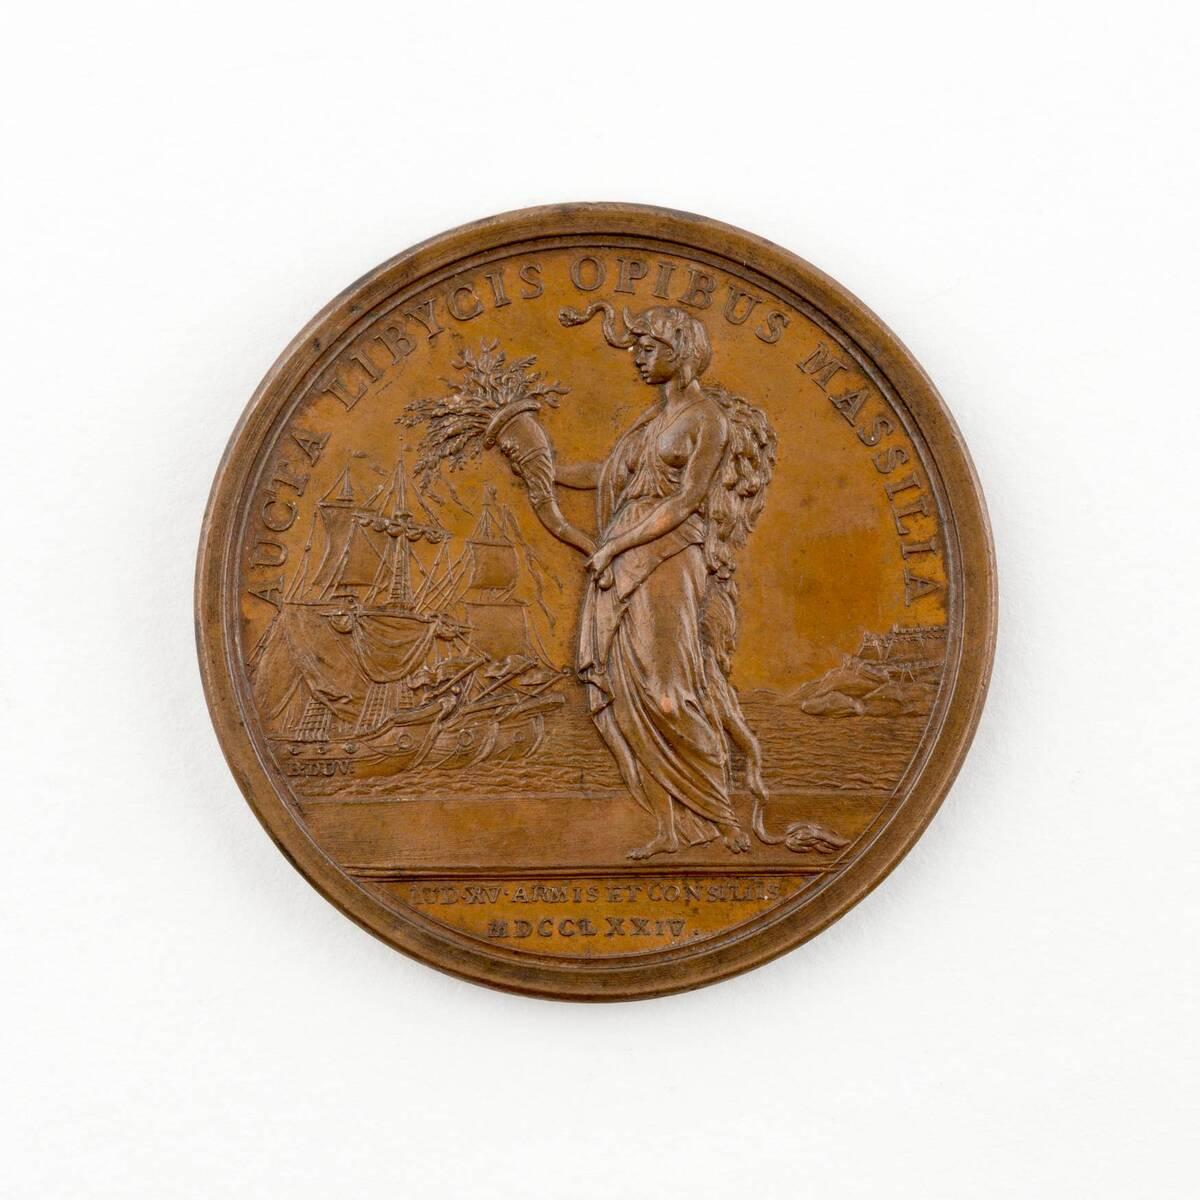 Medaille auf den Tod König Ludwig XV. von Frankreich von Anonym